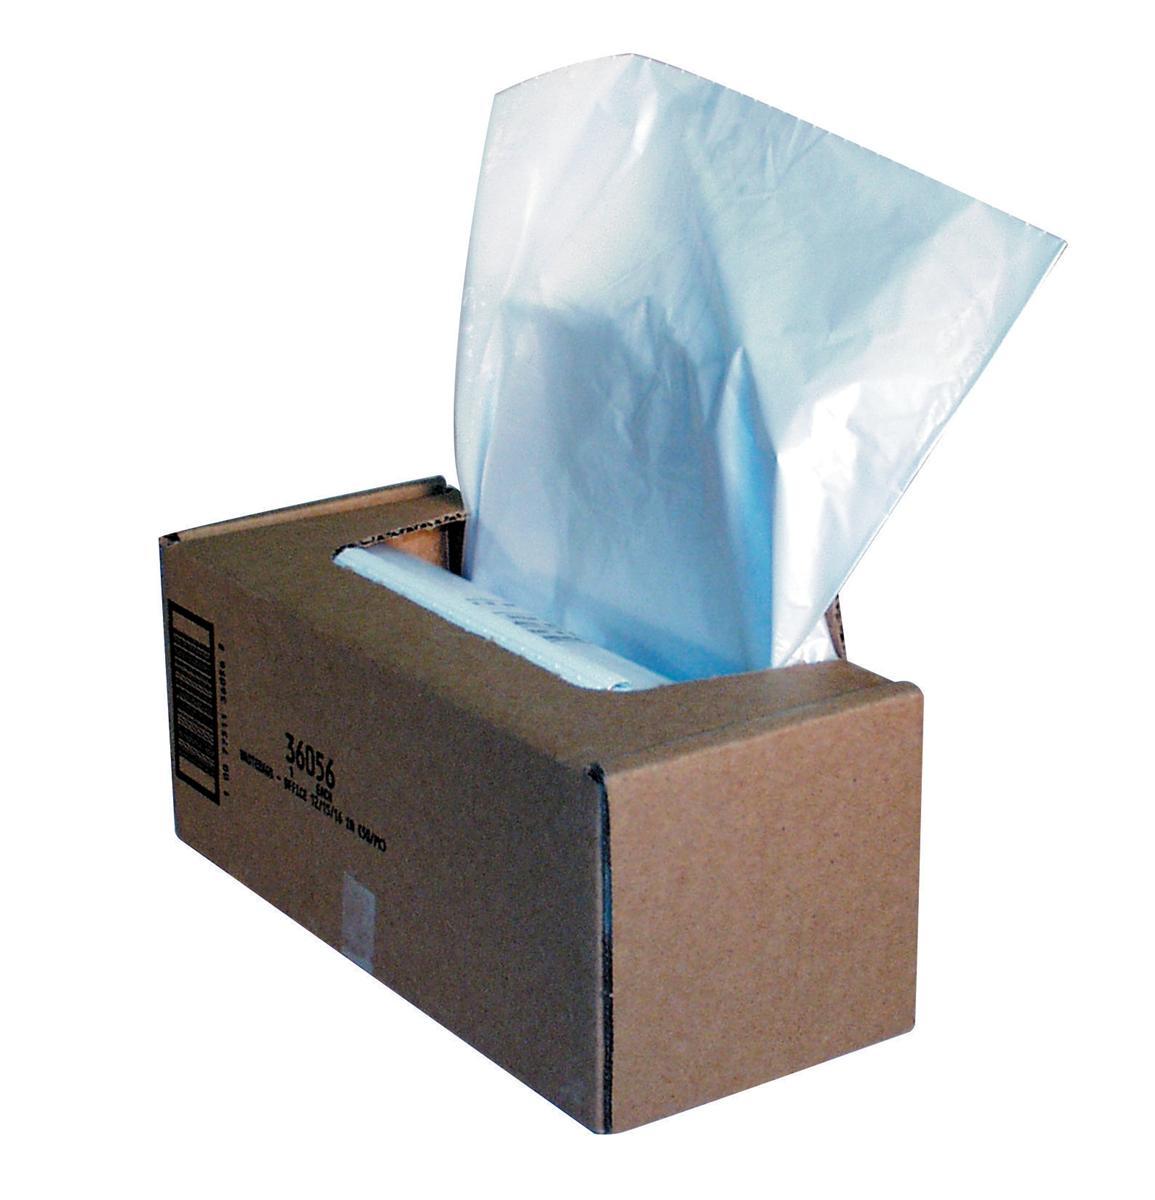 Fellowes Shredder Bags Capacity 94 Litre [for C-320 C-420 Series] Ref 36056 [Pack 50]